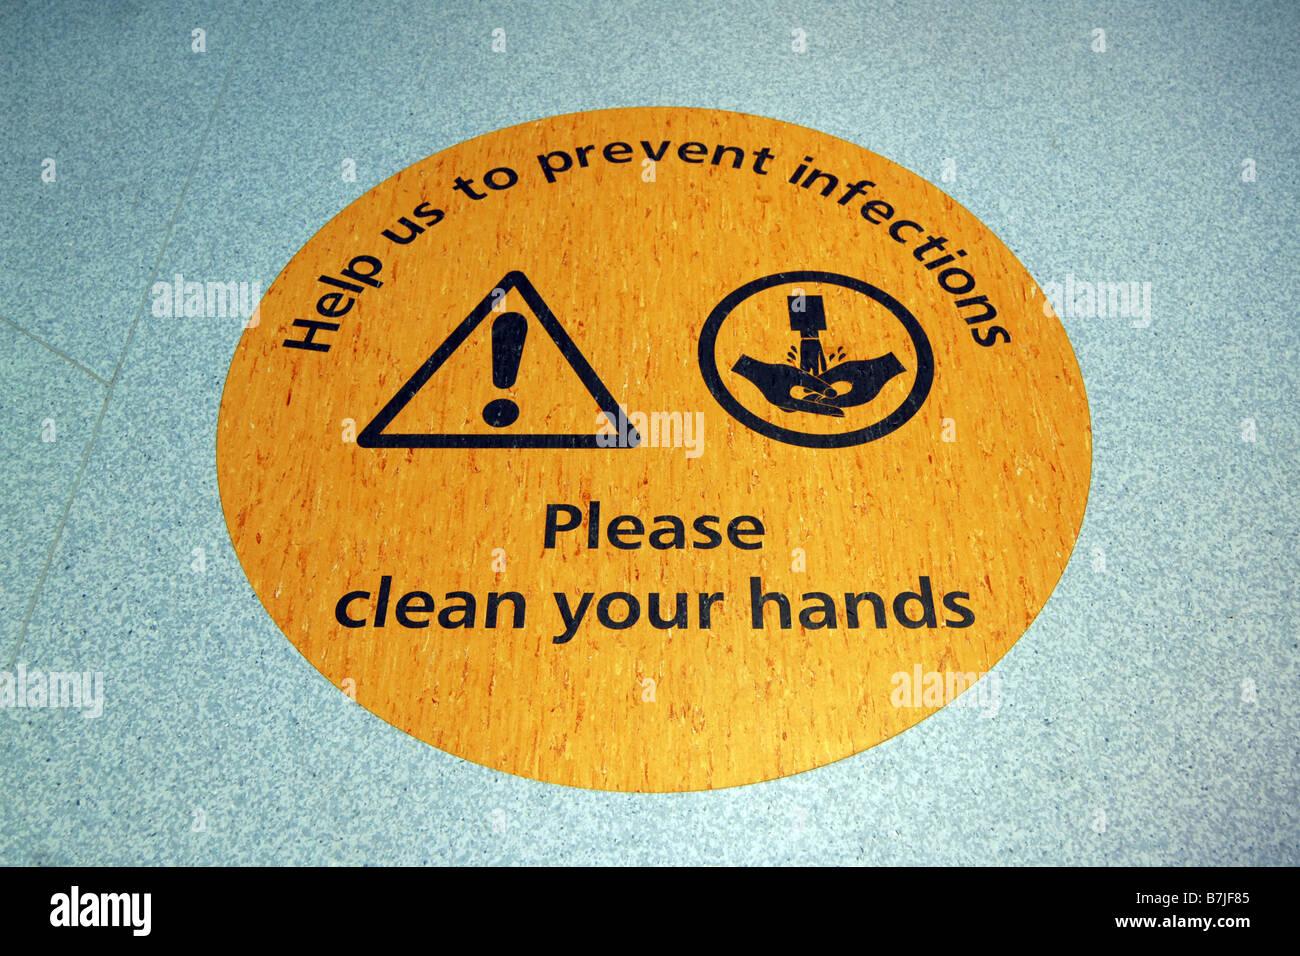 Un suelo firme en un hospital de Yorkshire recuerda a los funcionarios públicos y a lavarse las manos para detener la propagación de la infección Foto de stock